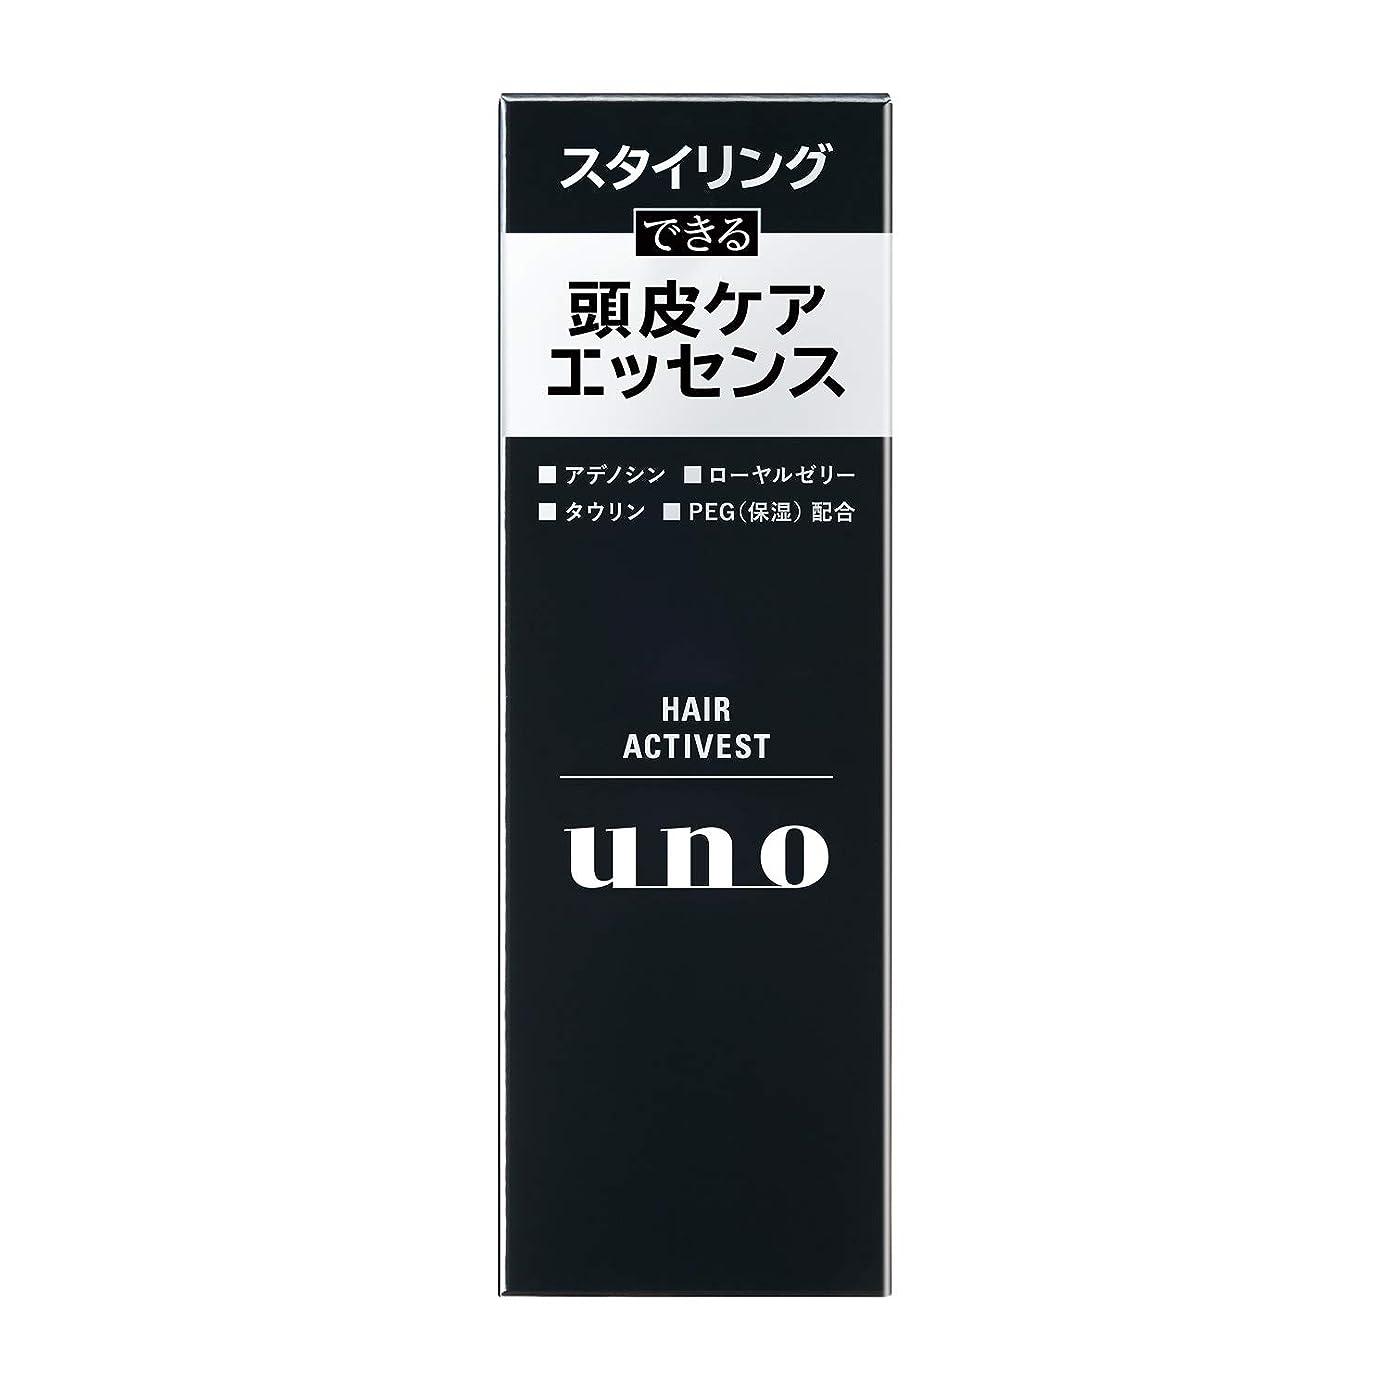 説明神秘的な塗抹ウーノ ヘアアクティベスト 100ml